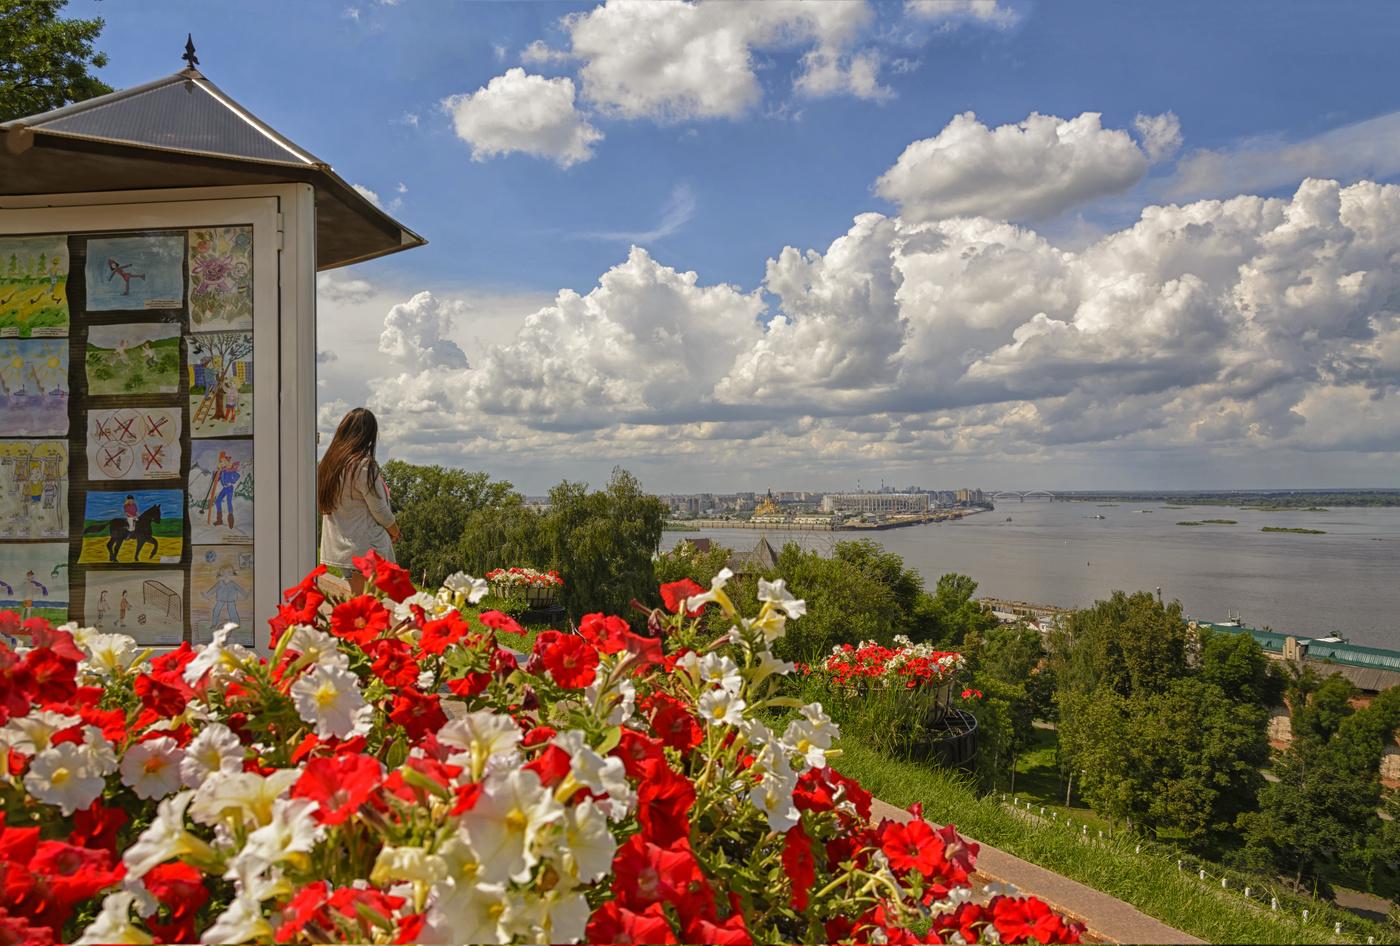 такая конструкция фото нижнего новгорода в хорошем качестве лето роет